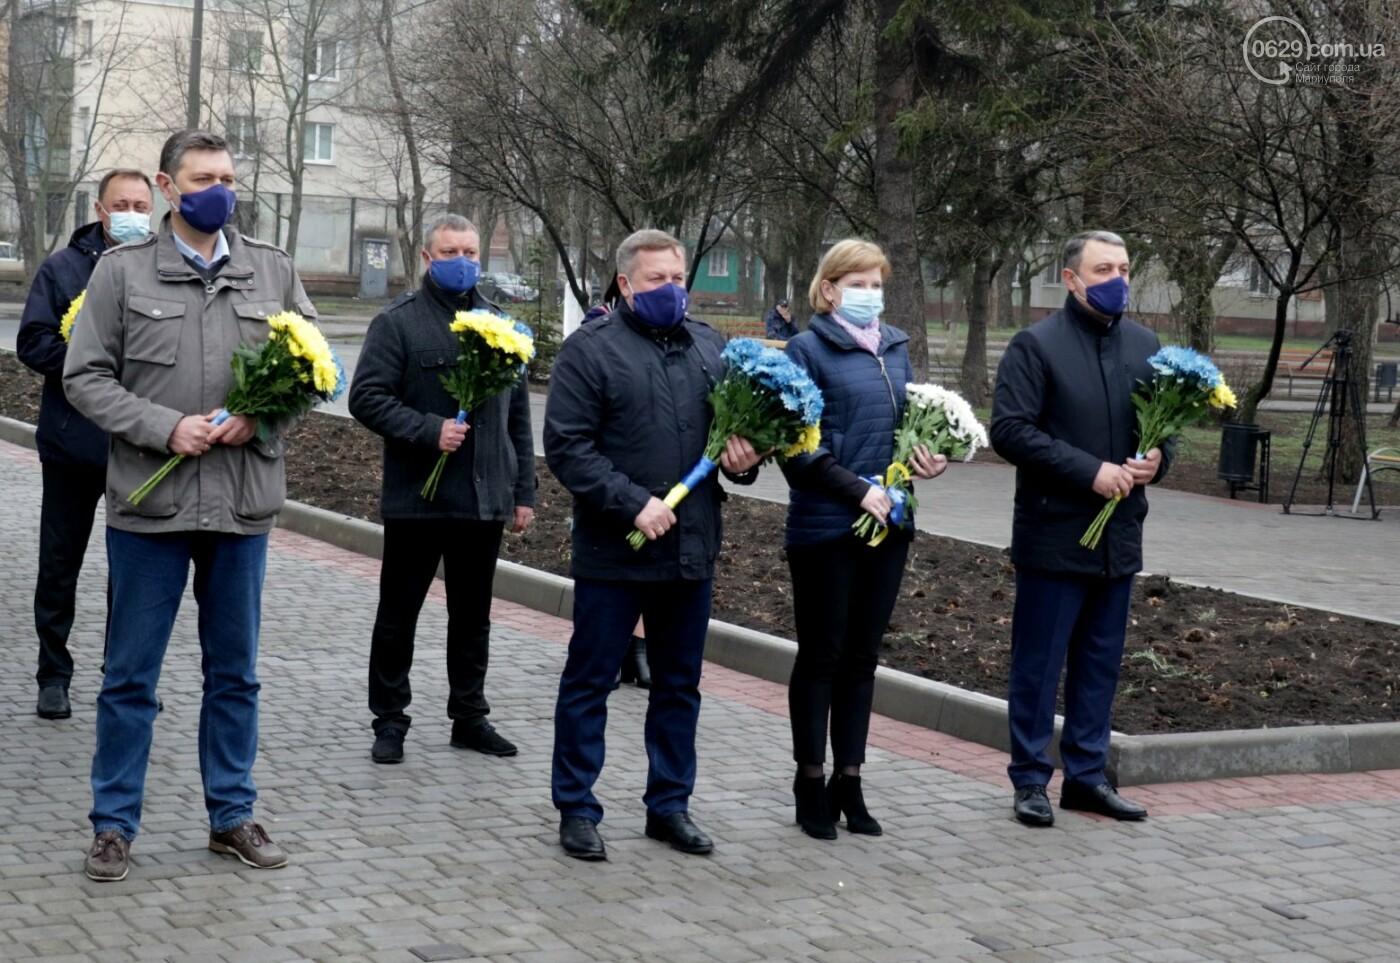 «Выкупили за 3 рейхсмарки». В Мариуполе возложили цветы в память об узниках фашистских концлагерей, - ФОТО, фото-3